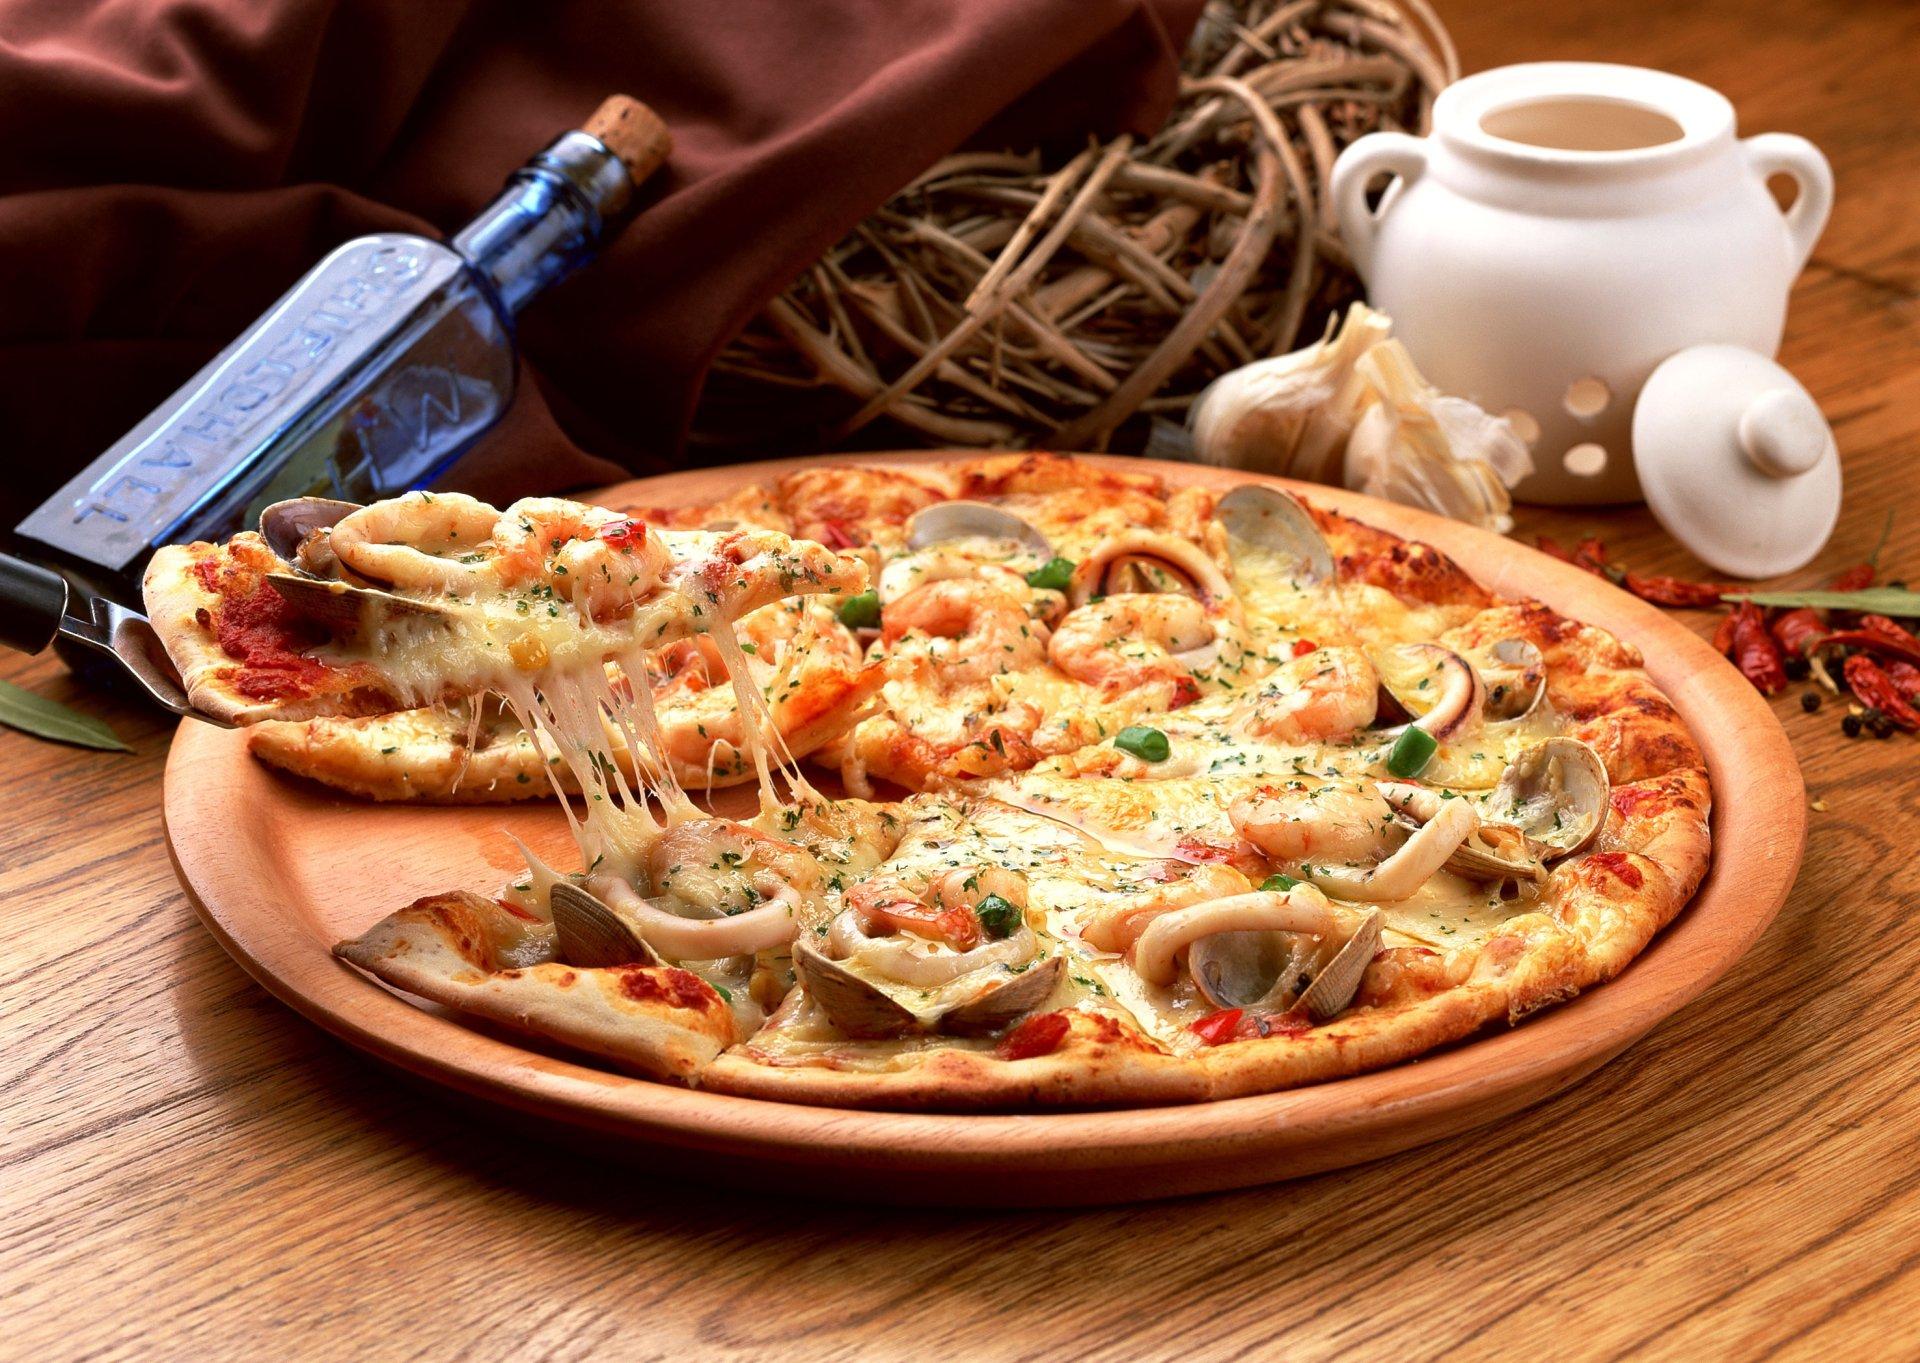 Food - Pizza  Wallpaper